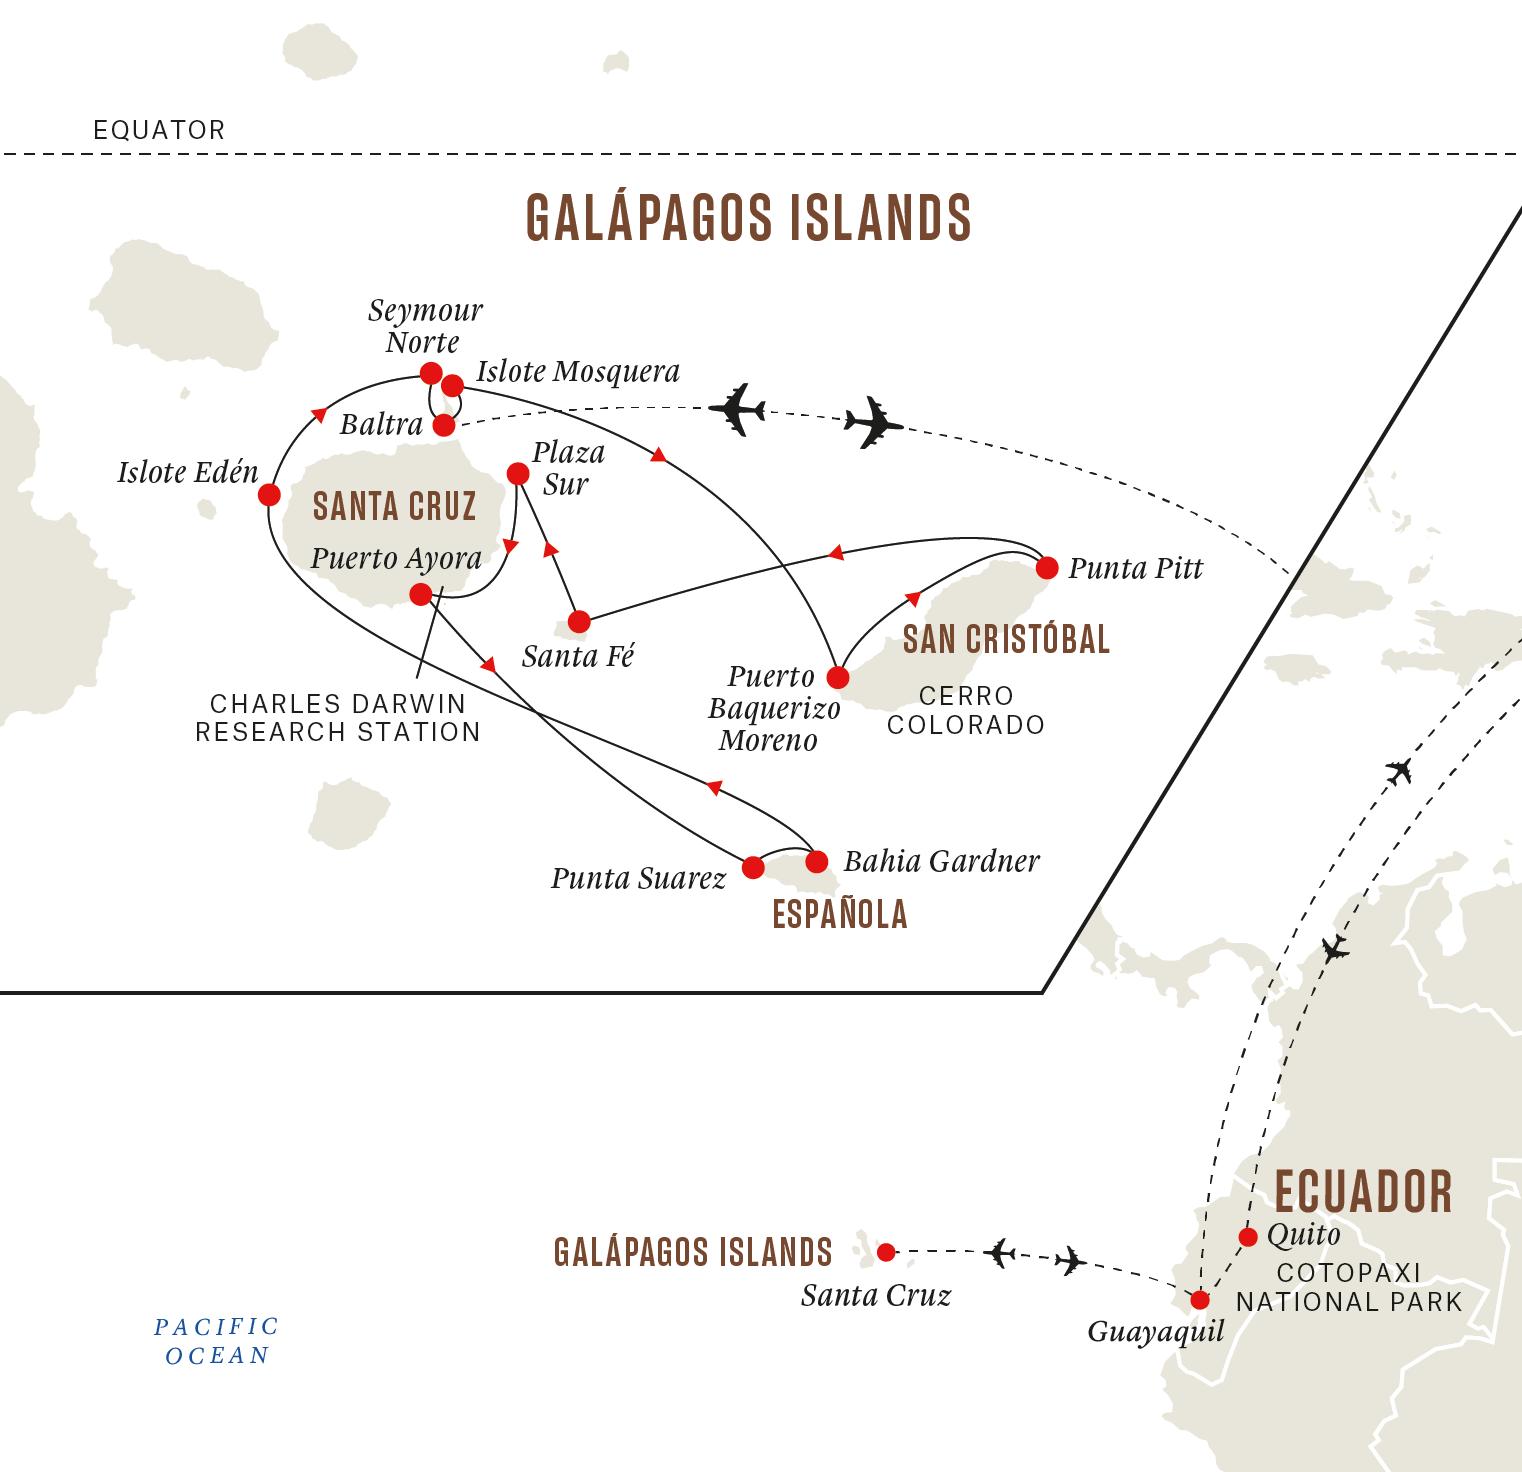 SCGAL2022AUK-Expeditie-Cruise-Galapagos.png